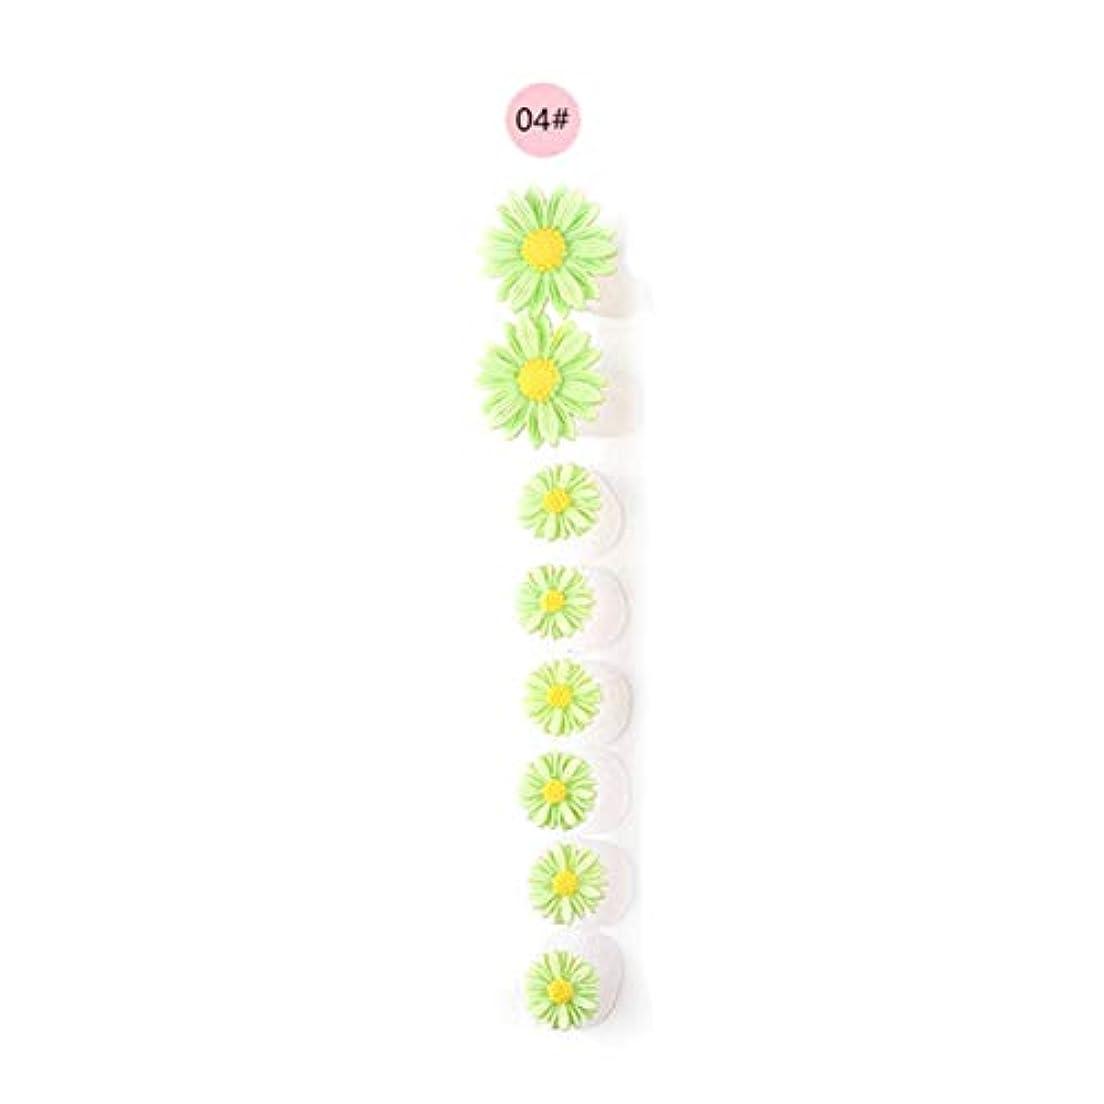 華氏進化するルート8ピース/セットシリコンつま先セパレーター足つま先スペーサー花形ペディキュアDIYネイルアートツール-カラフル04#